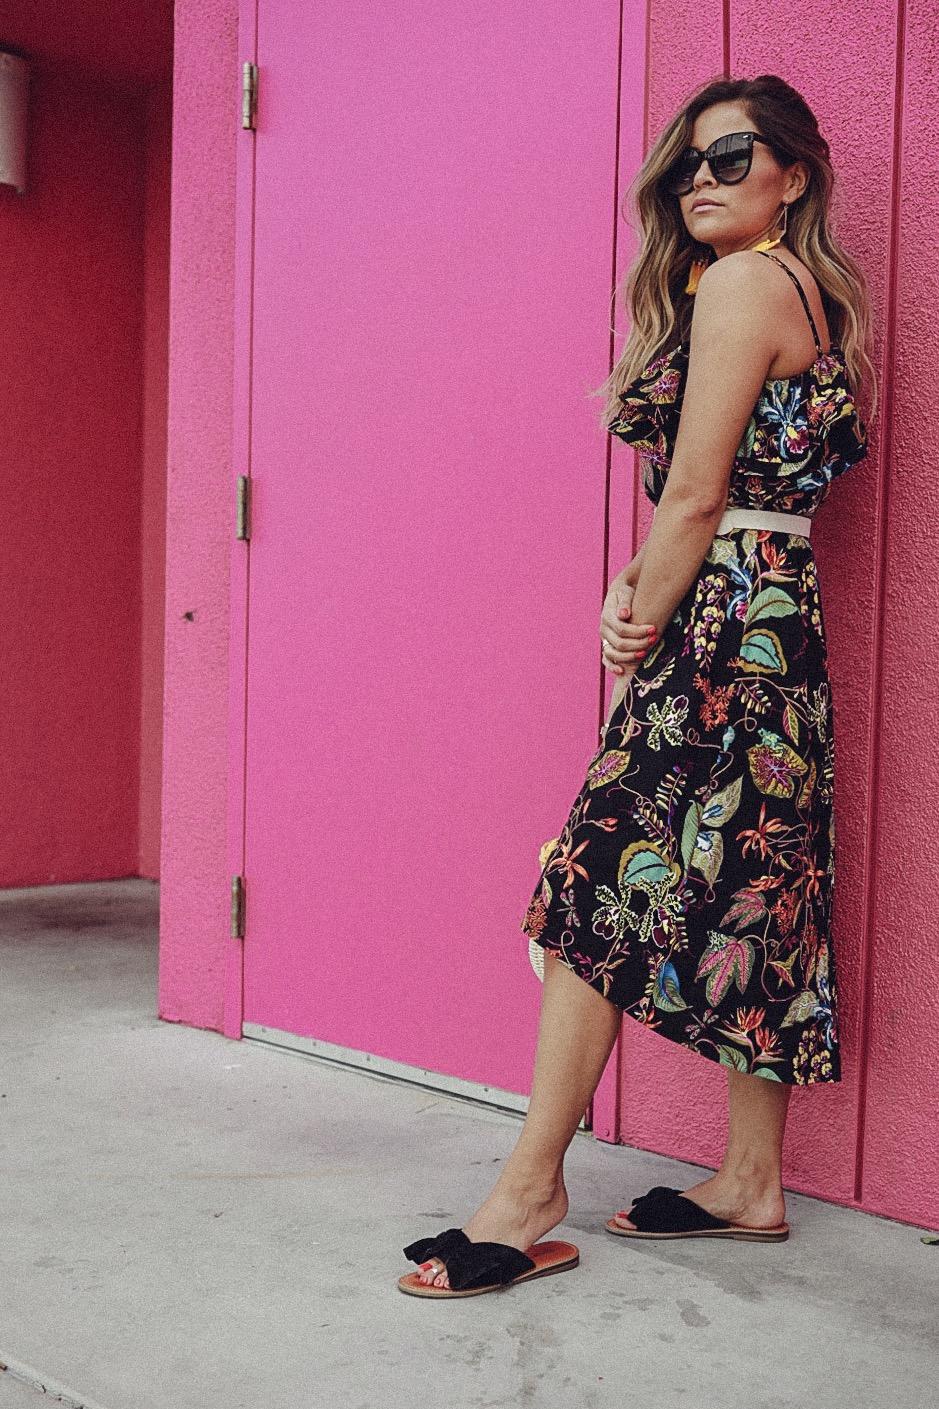 floral one shoulder dress h&m